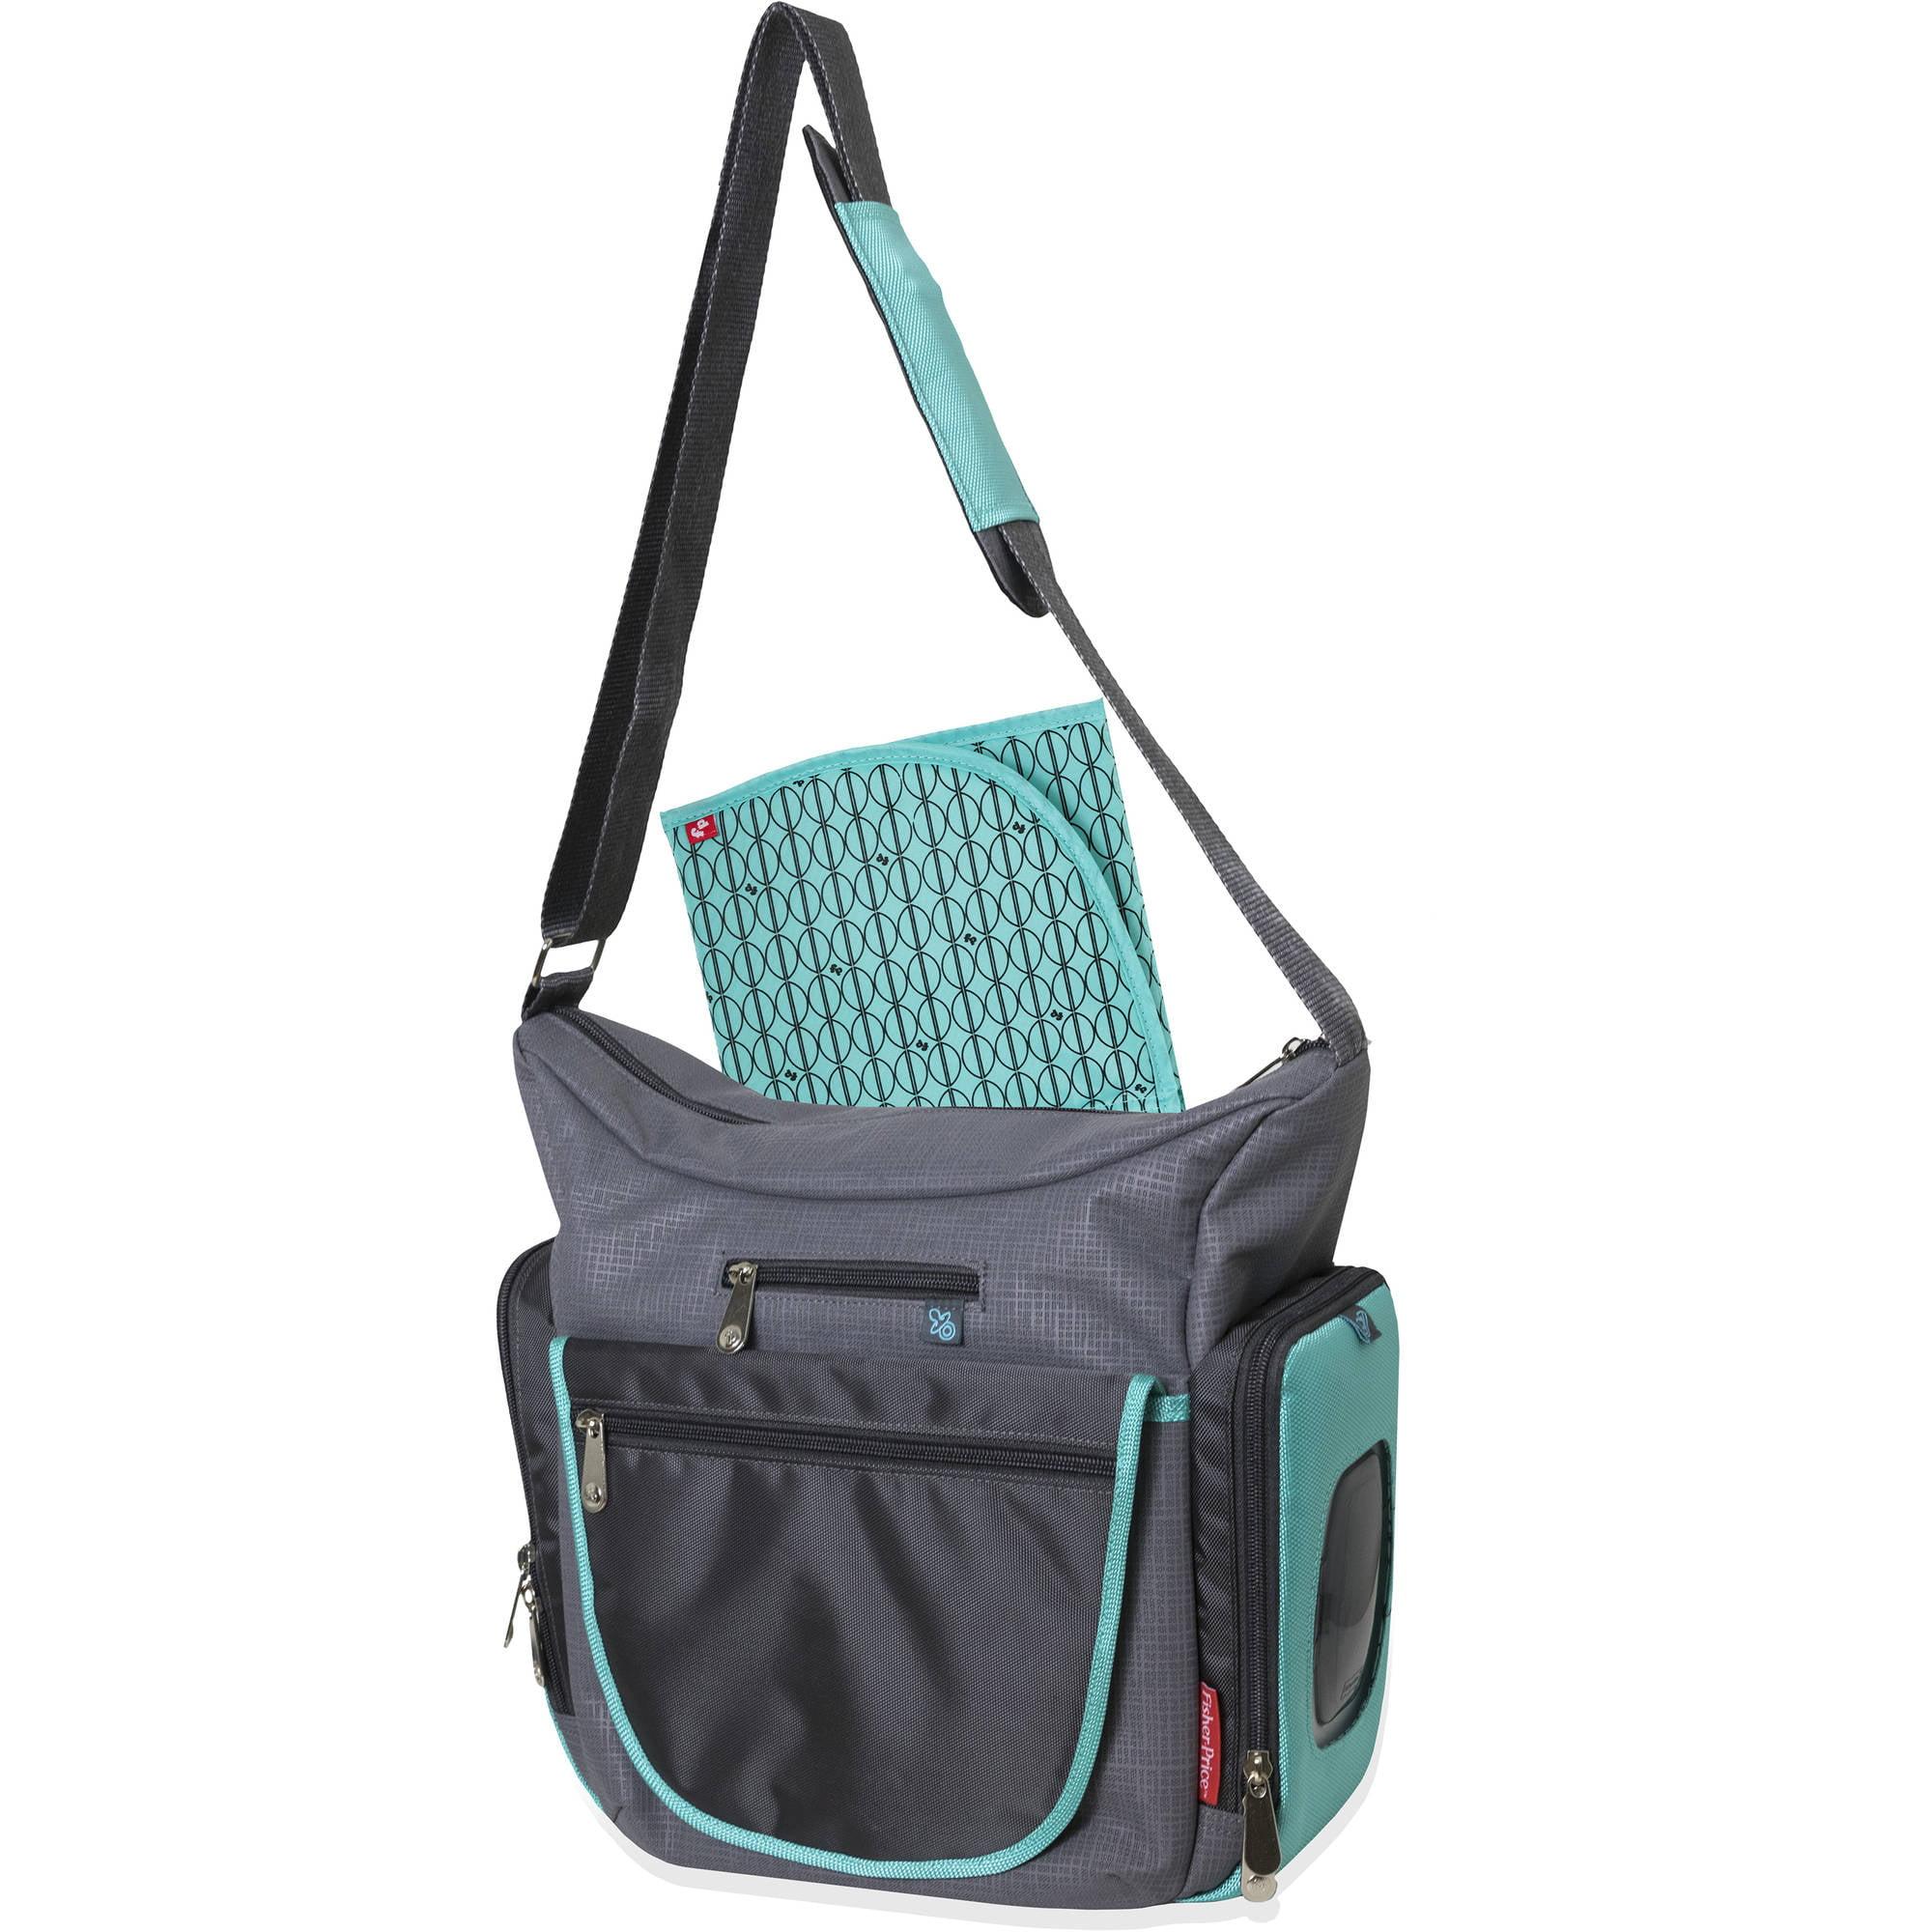 Fisher-Price Midsize Gray/Teal Hobo Bag